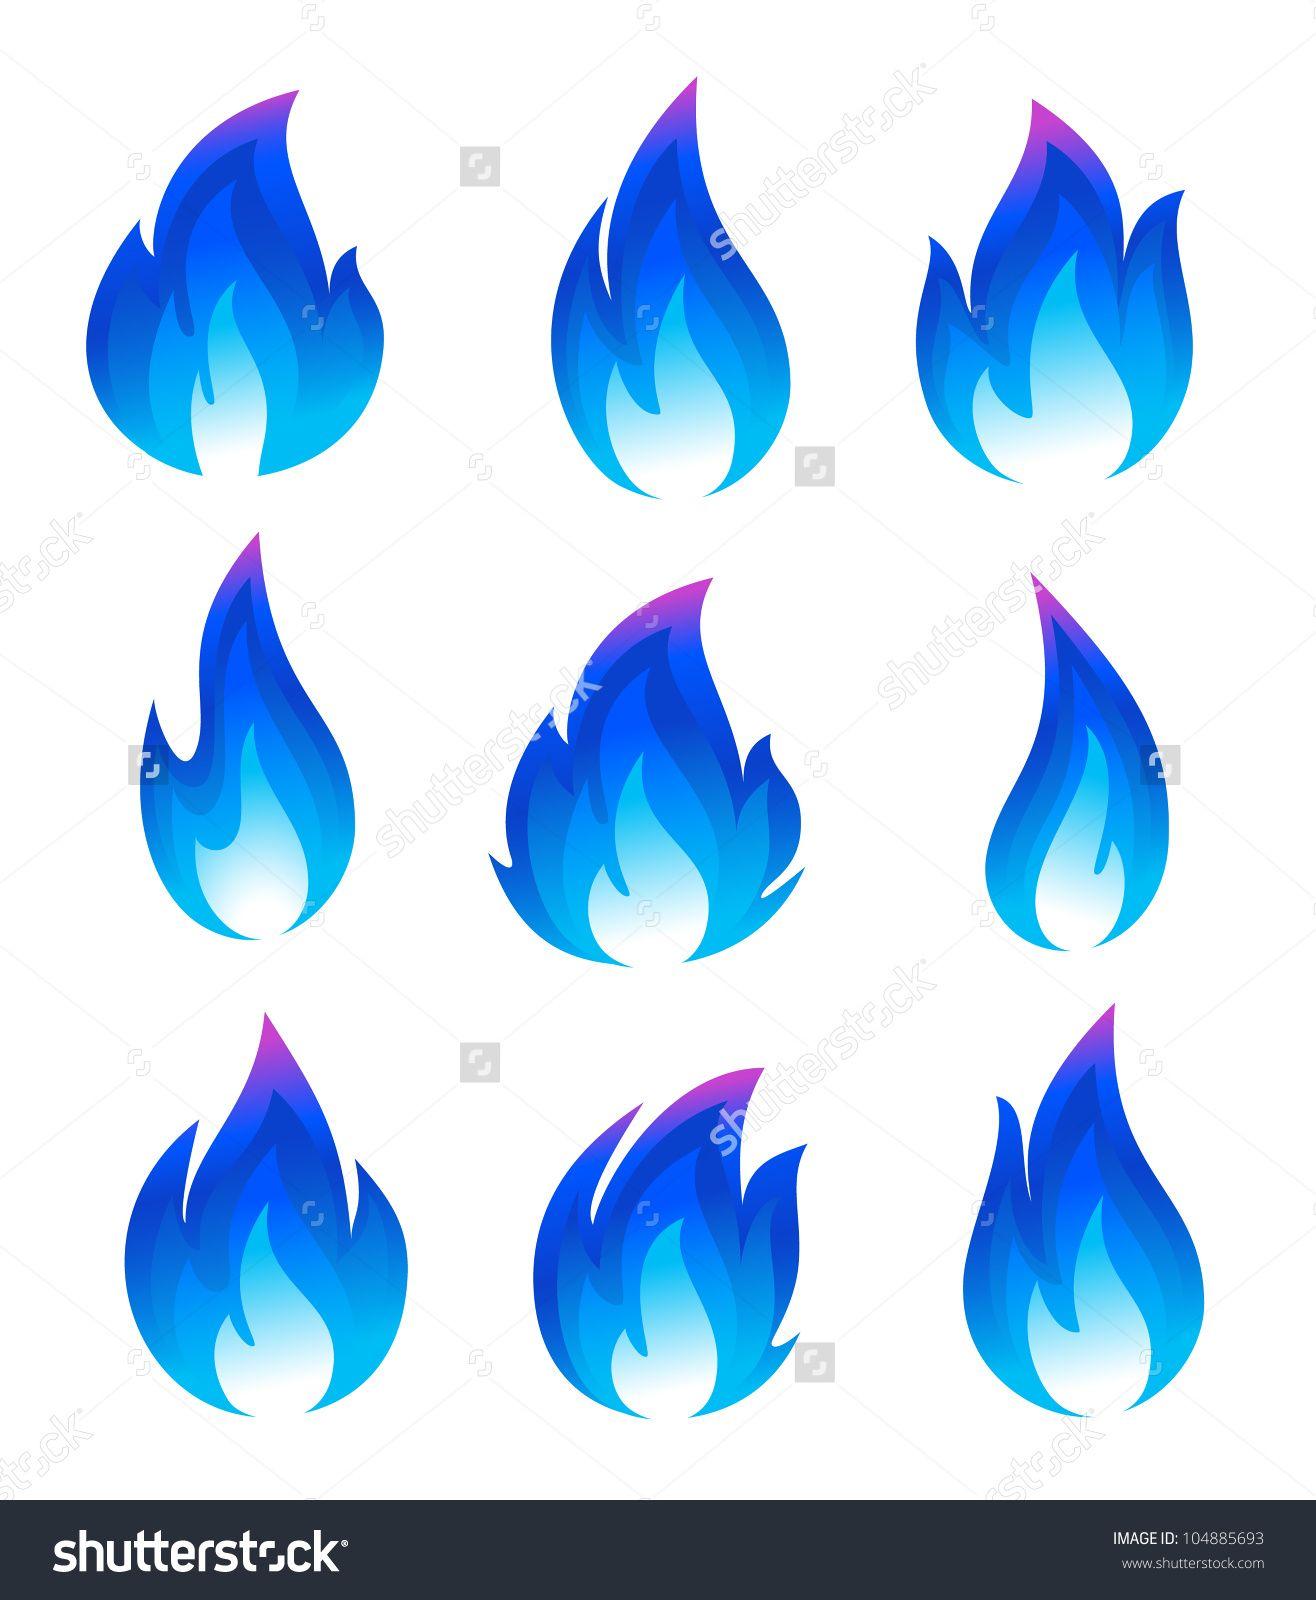 Fireball Clipart Blue Fireball 2 1316 X 1600 Free Clip Art Stock Illustration Memegene Net Fire Icons Flame Art Fire Drawing